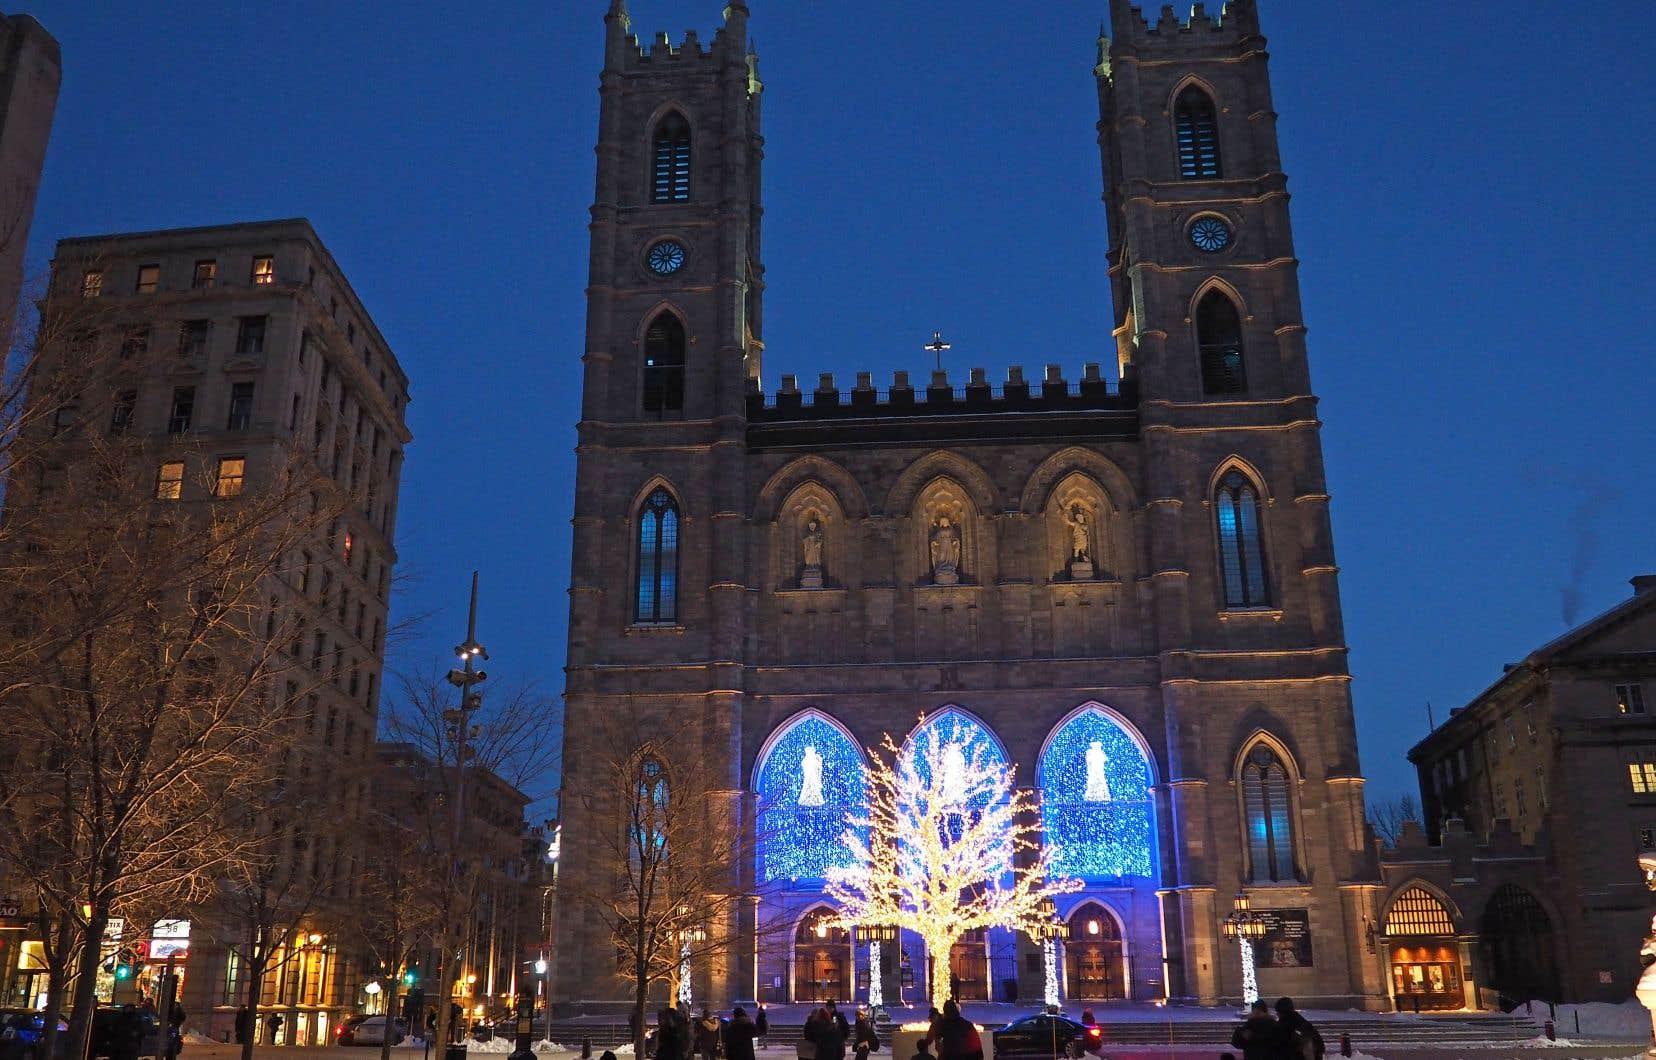 Découvrir Noël et Montréal sous les lumières | Le Devoir